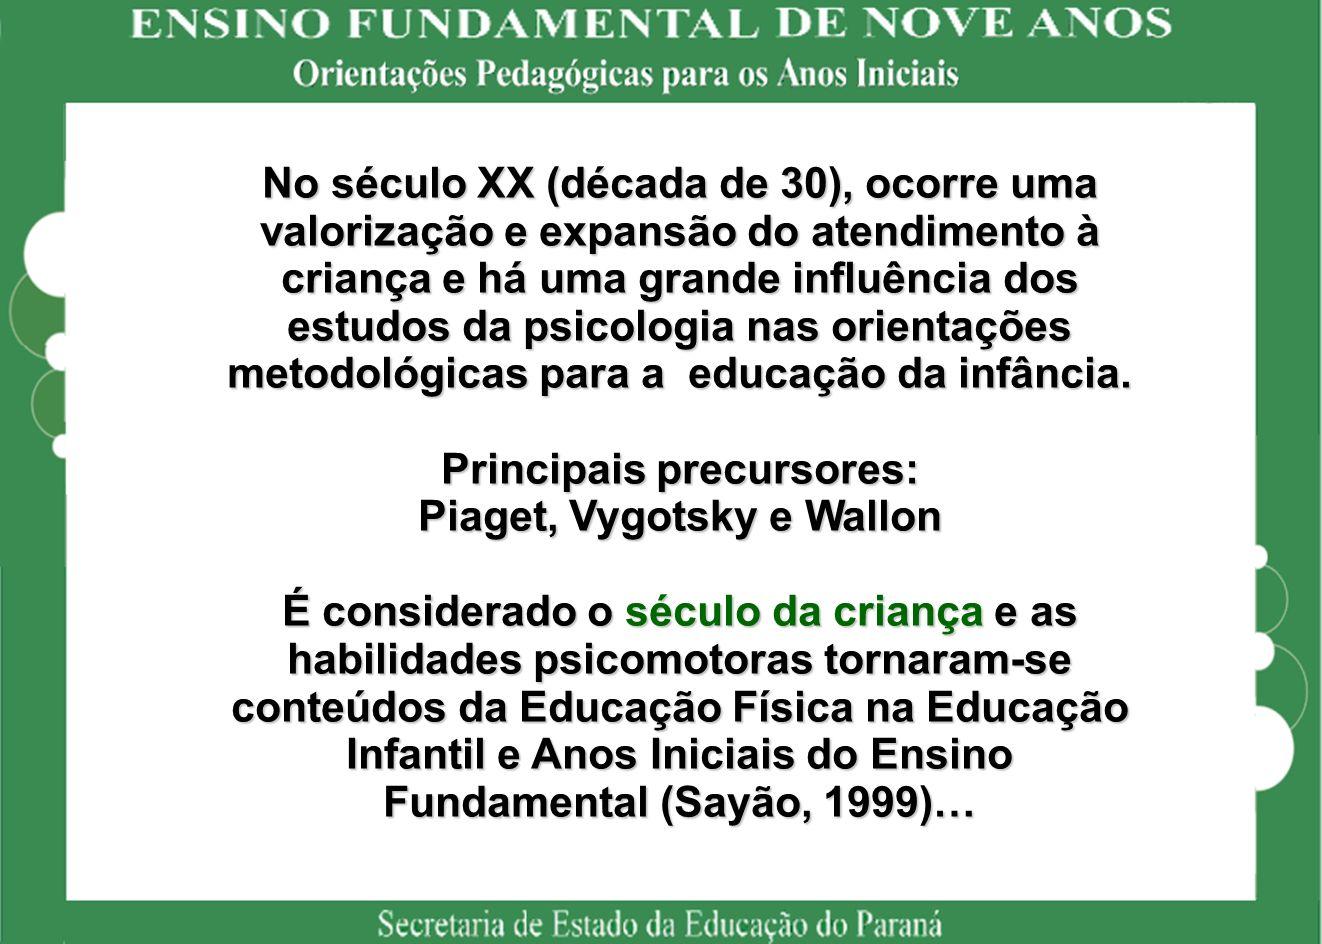 No século XX (década de 30), ocorre uma valorização e expansão do atendimento à criança e há uma grande influência dos estudos da psicologia nas orientações metodológicas para a educação da infância.